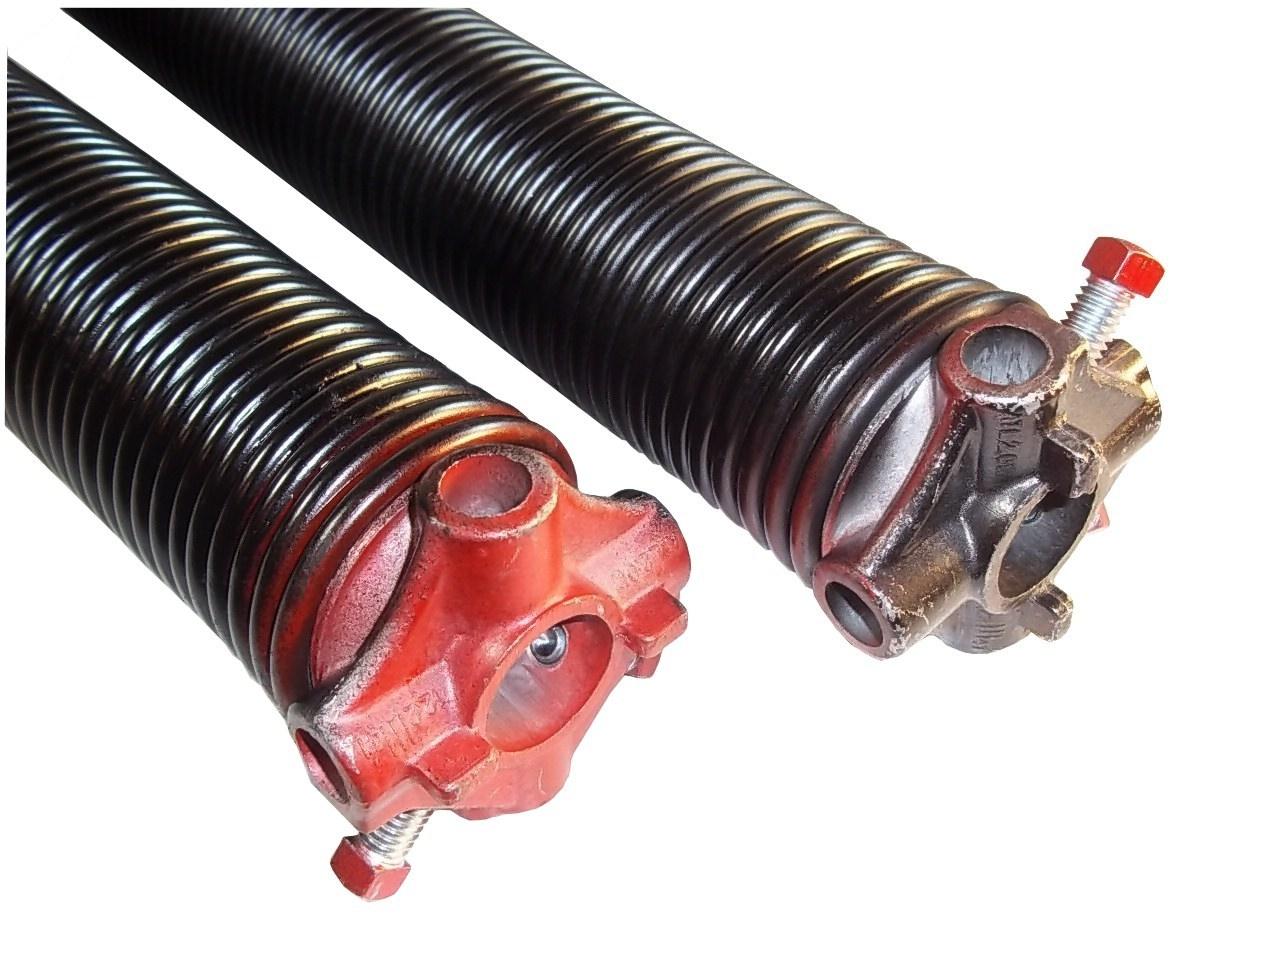 Broken springs replacement, spring torsion repair, spring repair service company